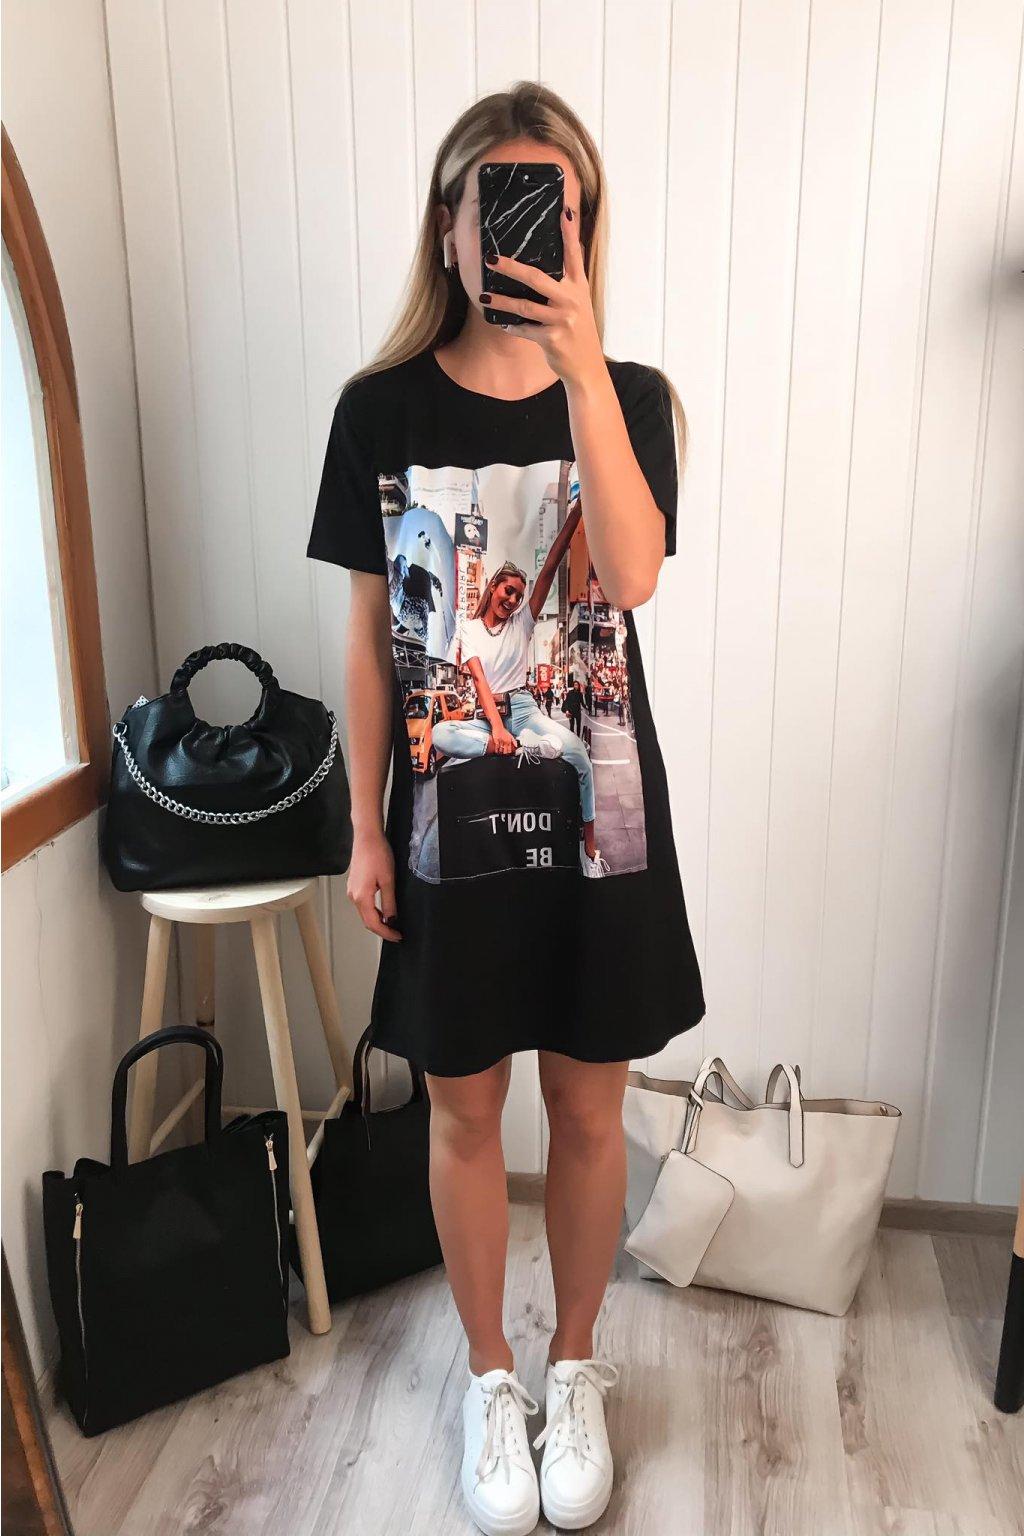 Čierne predĺžené tričko, tričko s potlačou, tričkové šaty, bavlnené tričko, cribs.sk, butik prešov, Hlavná 120, Bardejov, trendy, štýlové dlhé tričko , tričko s dizajnom, new york tričko (2)